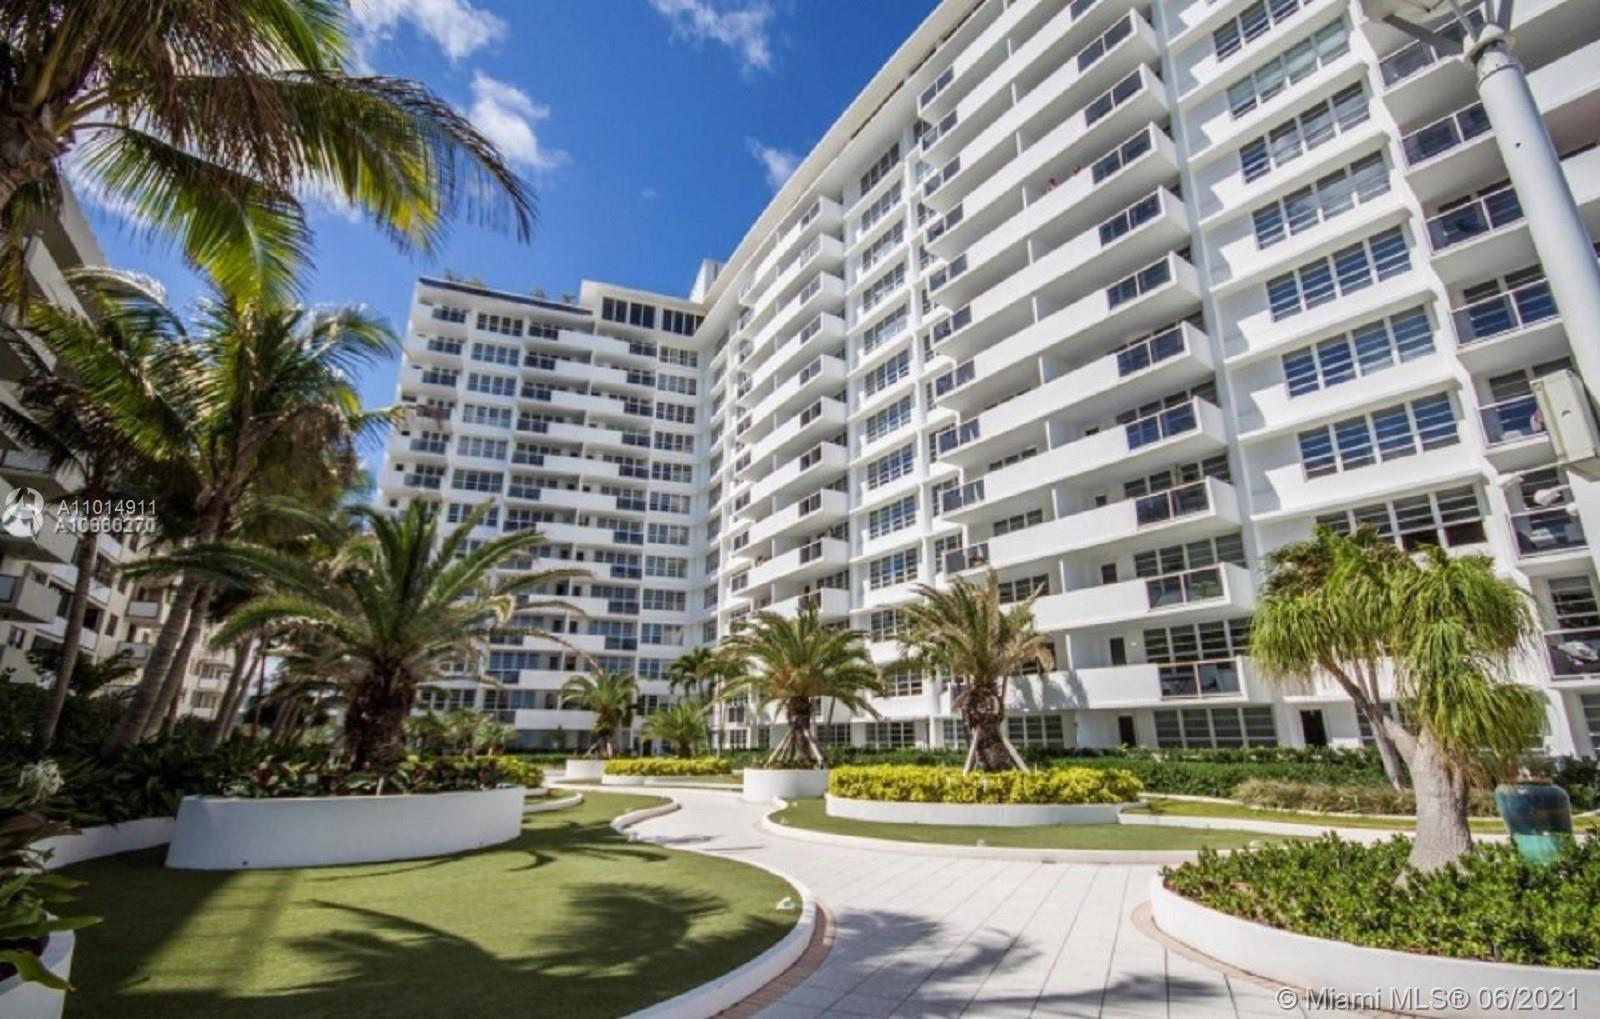 100 Lincoln Rd #1221, Miami Beach, FL 33139 - #: A11014911